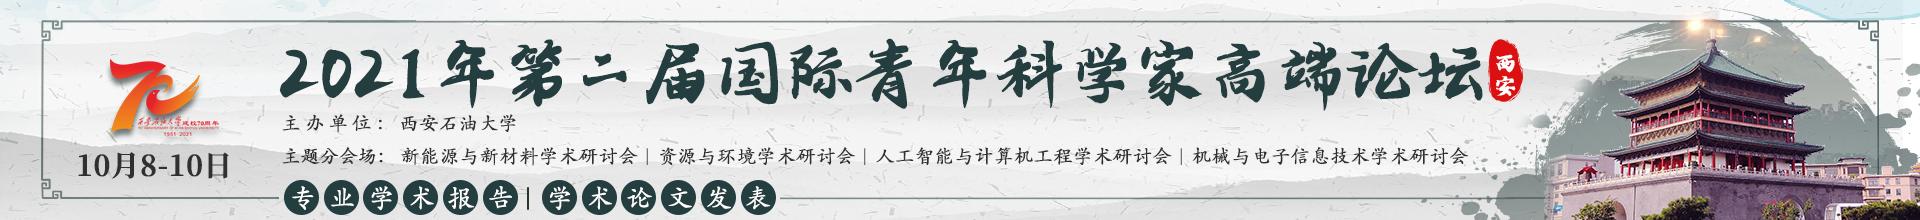 10月西安-IYSF 2021-会议云banner-20210603.png